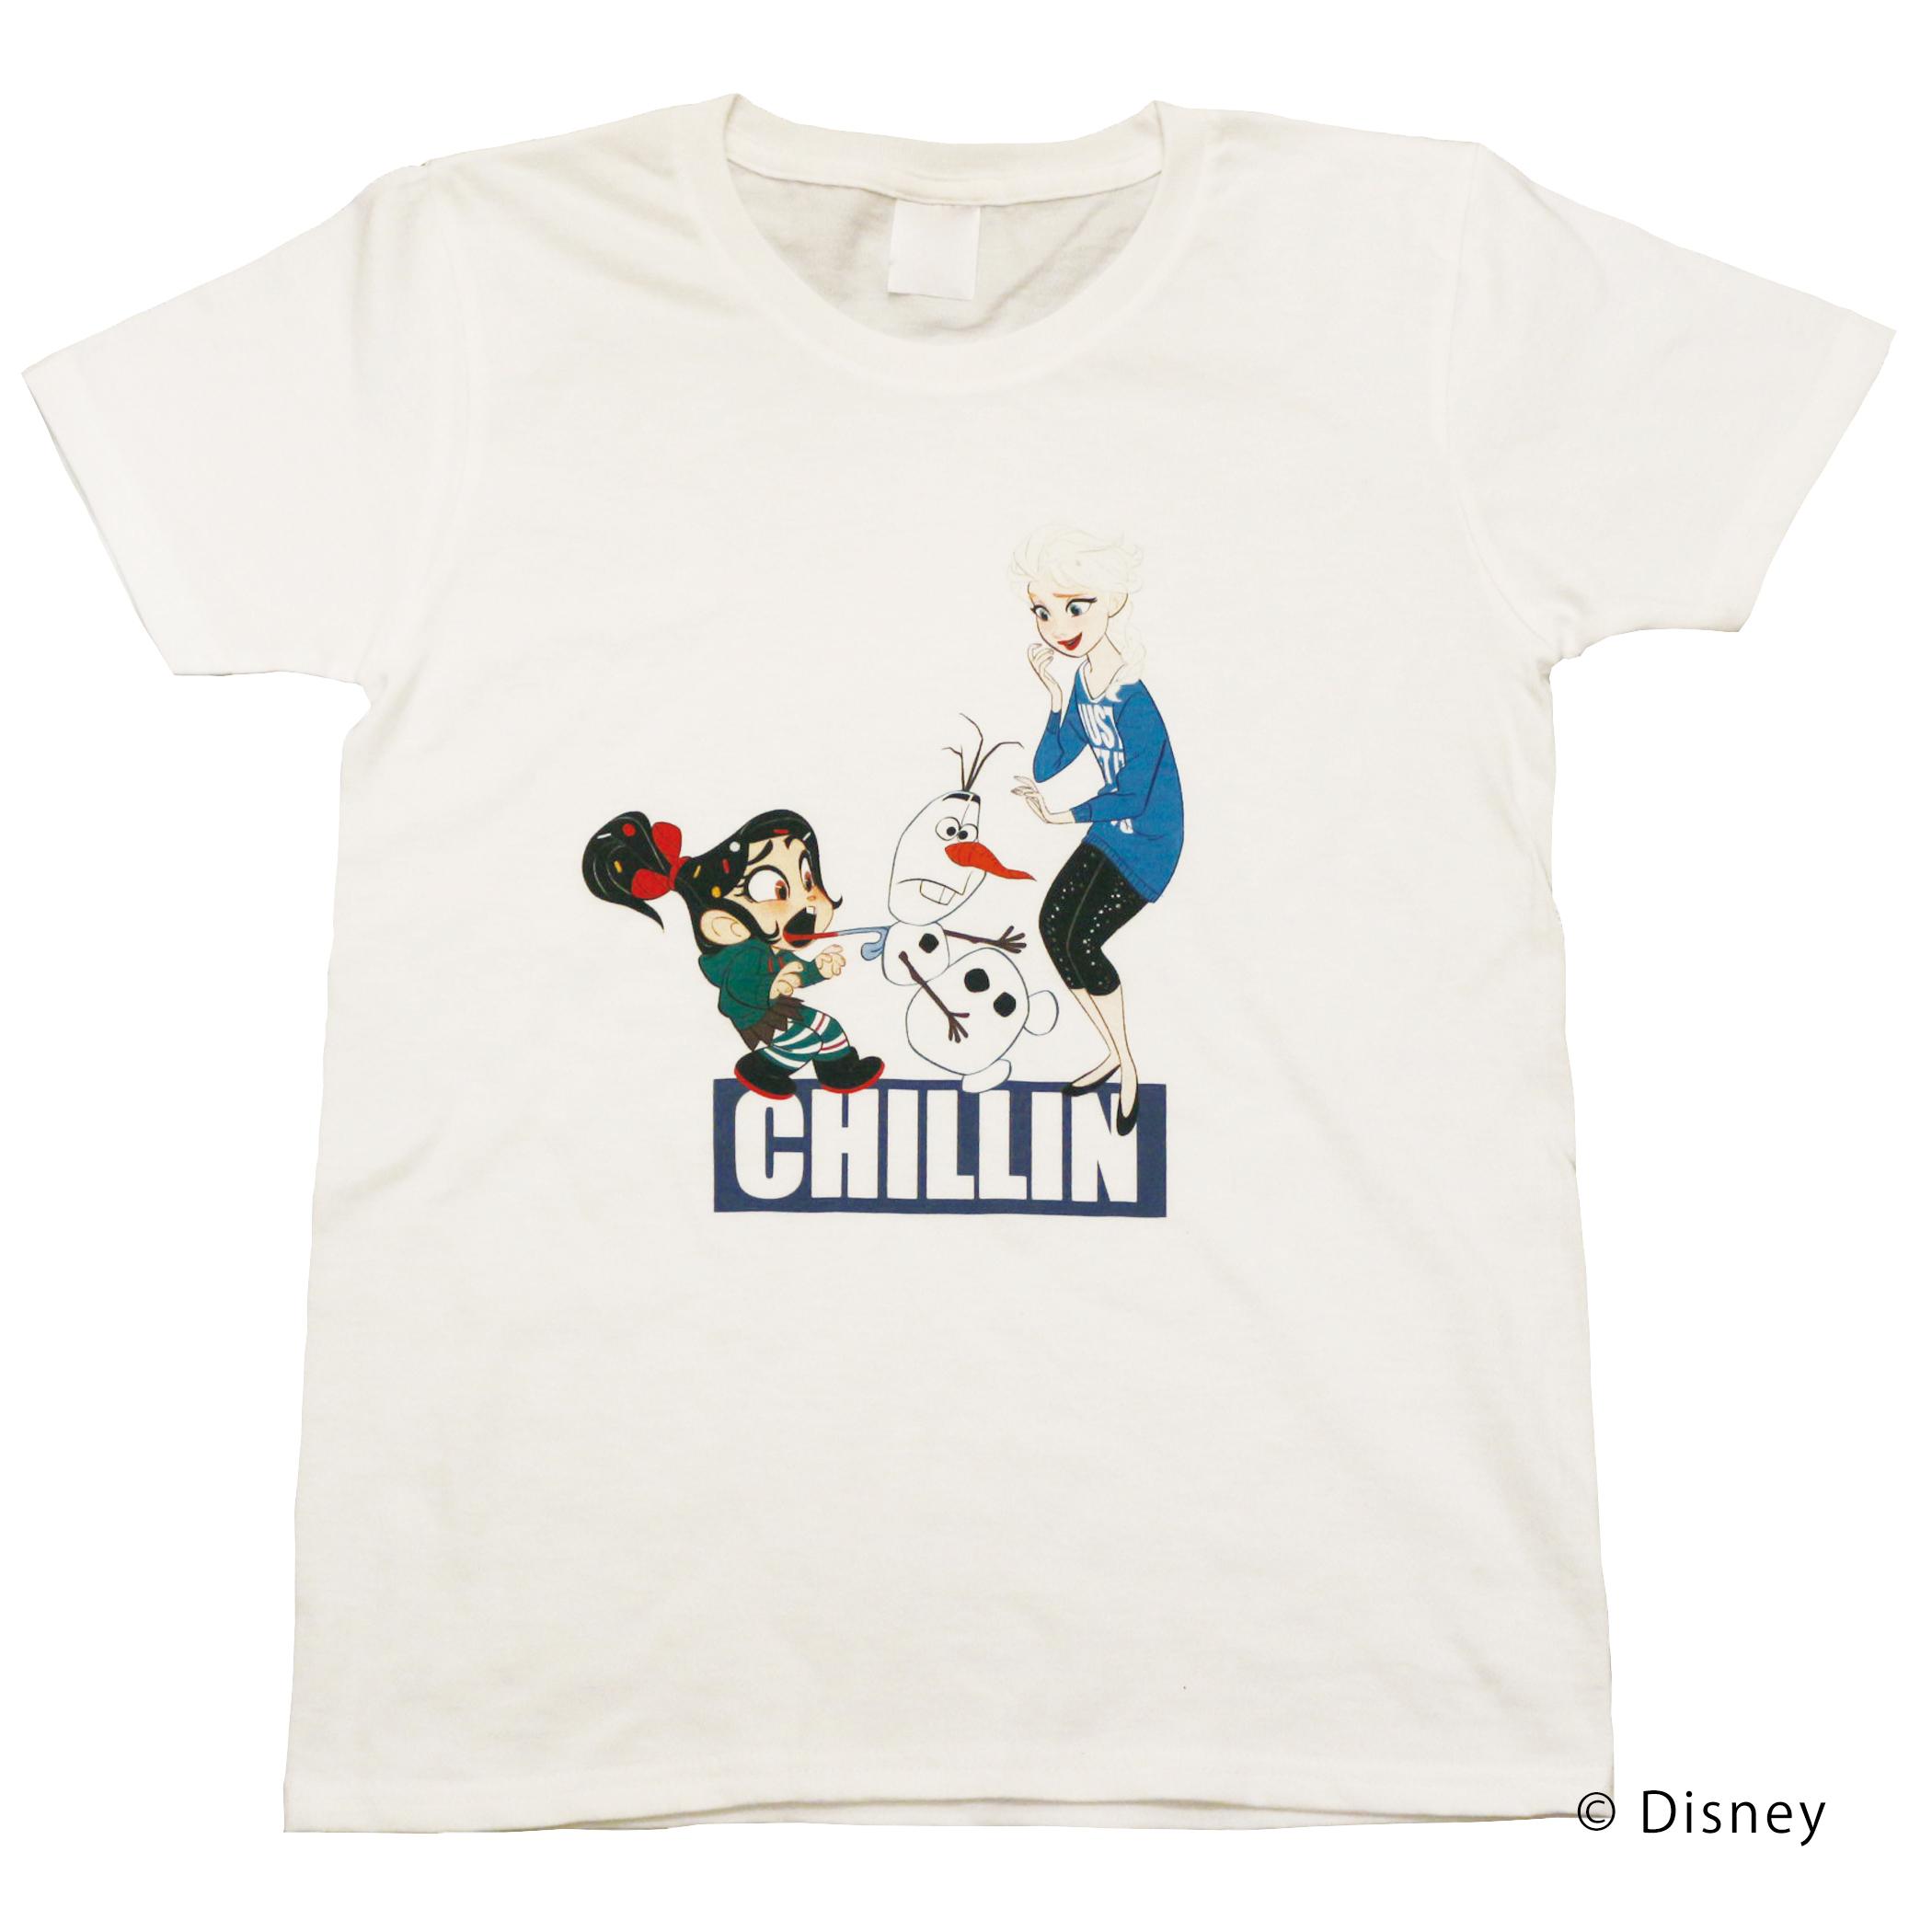 【ディズニー】シュガー・ラッシュ:オンライン|ヴァネロペ & エルサ Tシャツ